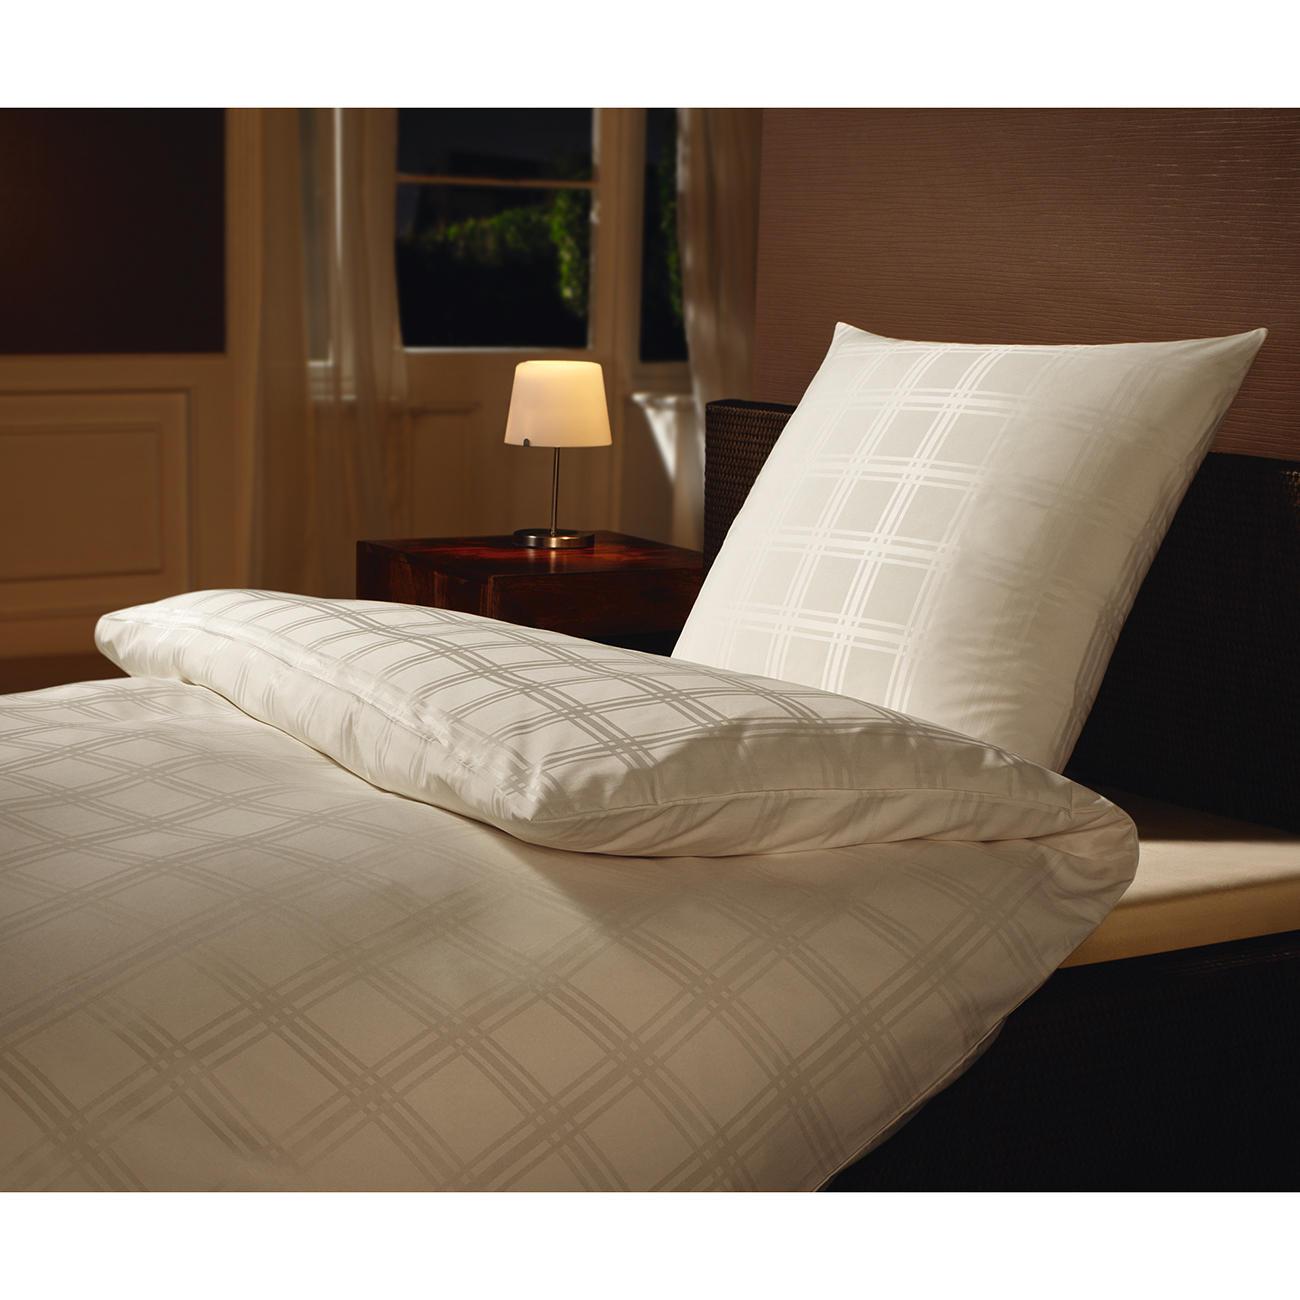 microfaser damast bettw sche mit 3 jahren garantie. Black Bedroom Furniture Sets. Home Design Ideas